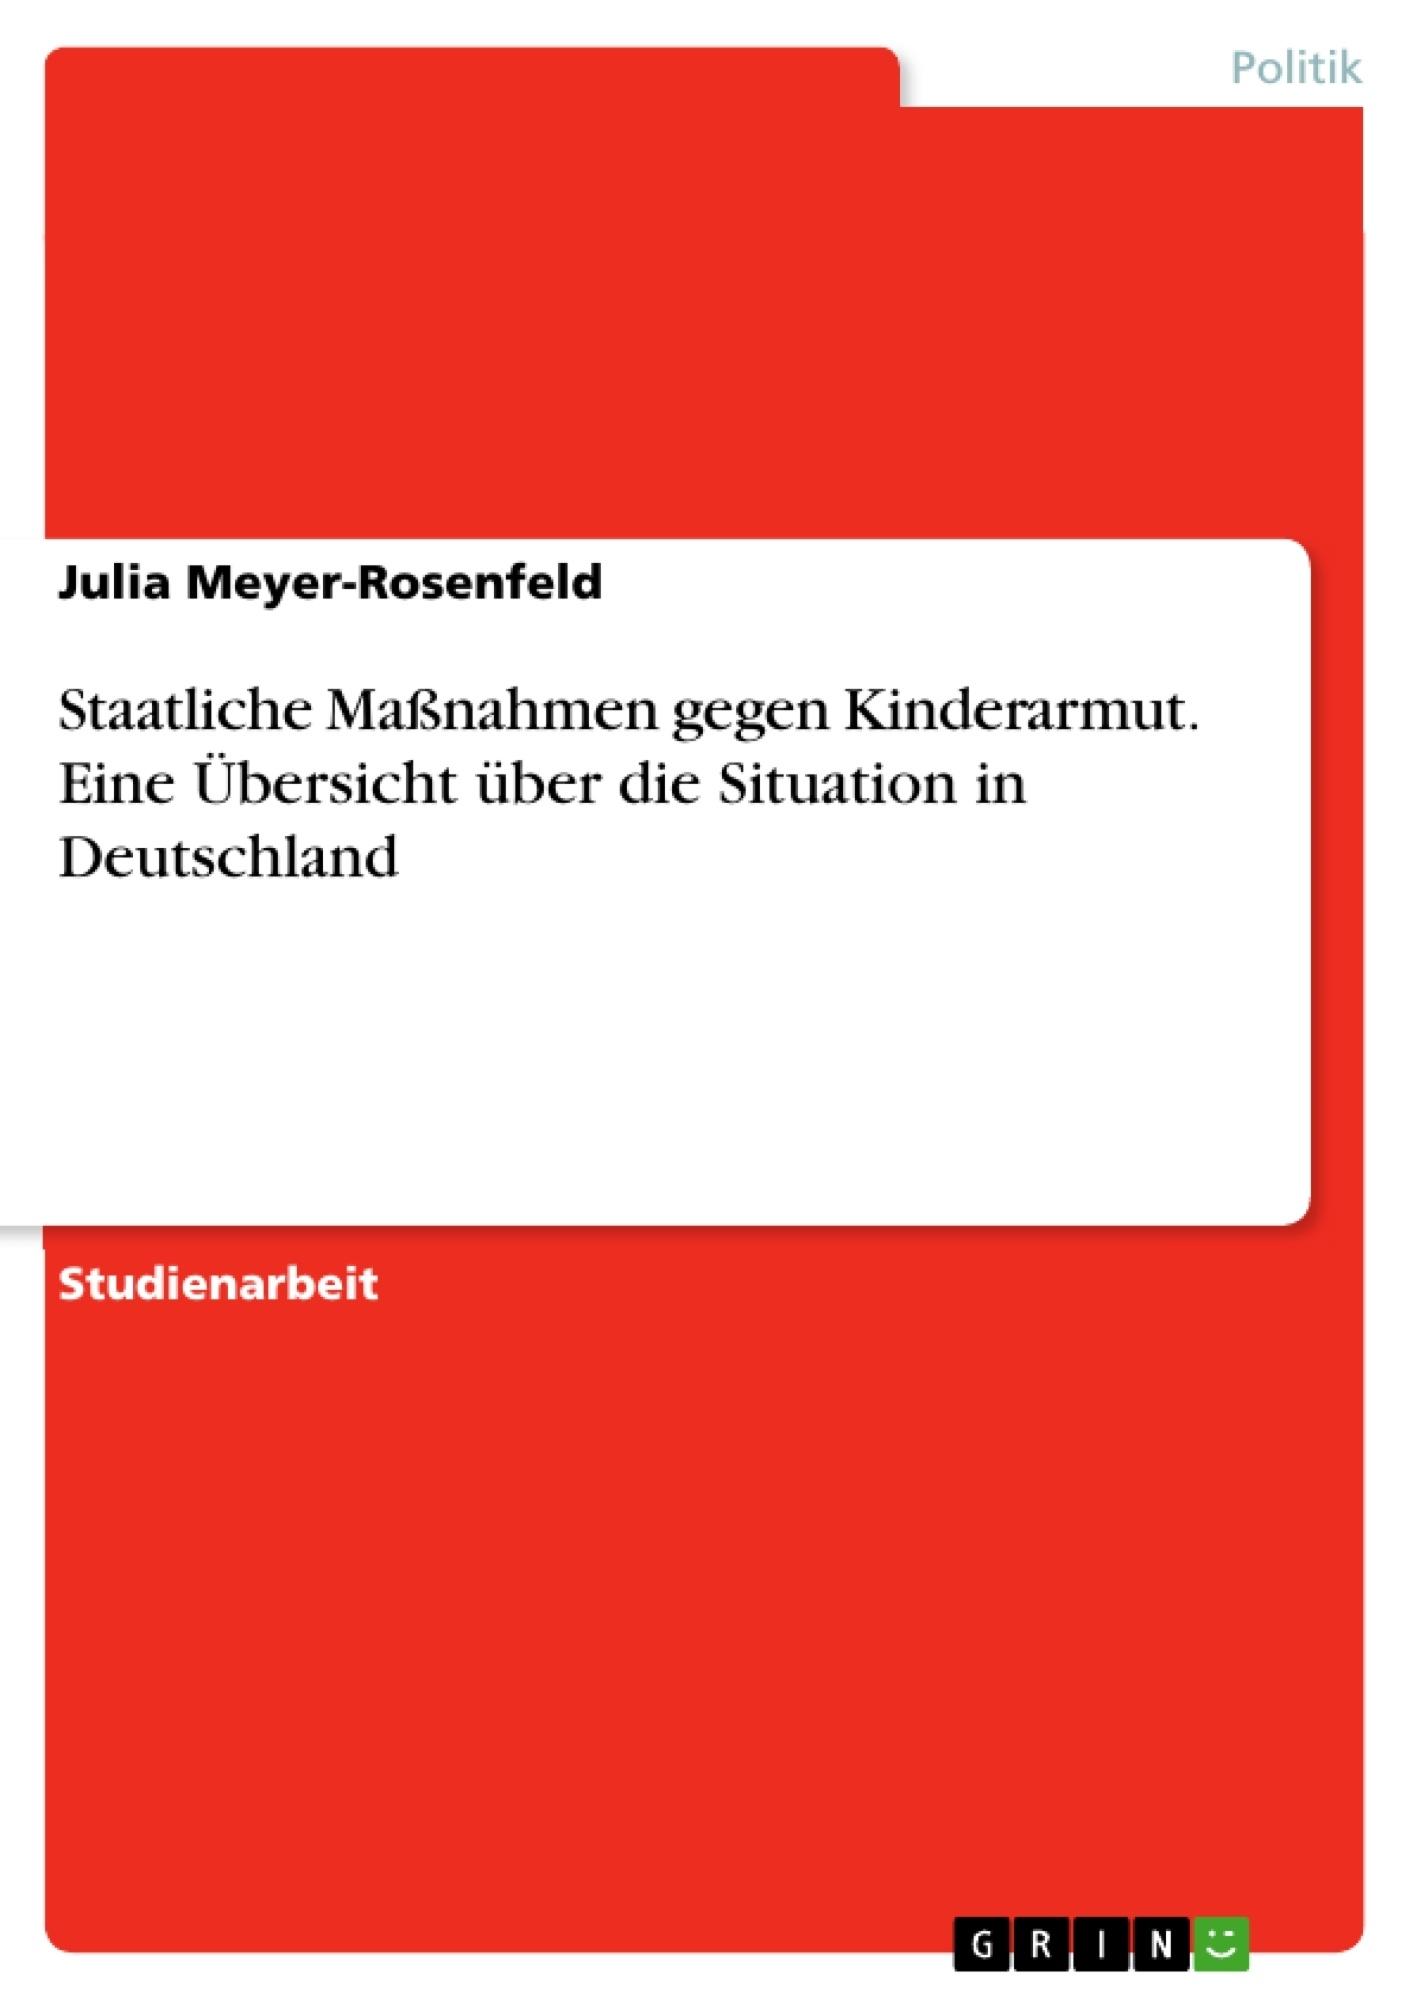 Titel: Staatliche Maßnahmen gegen Kinderarmut. Eine Übersicht über die Situation in Deutschland